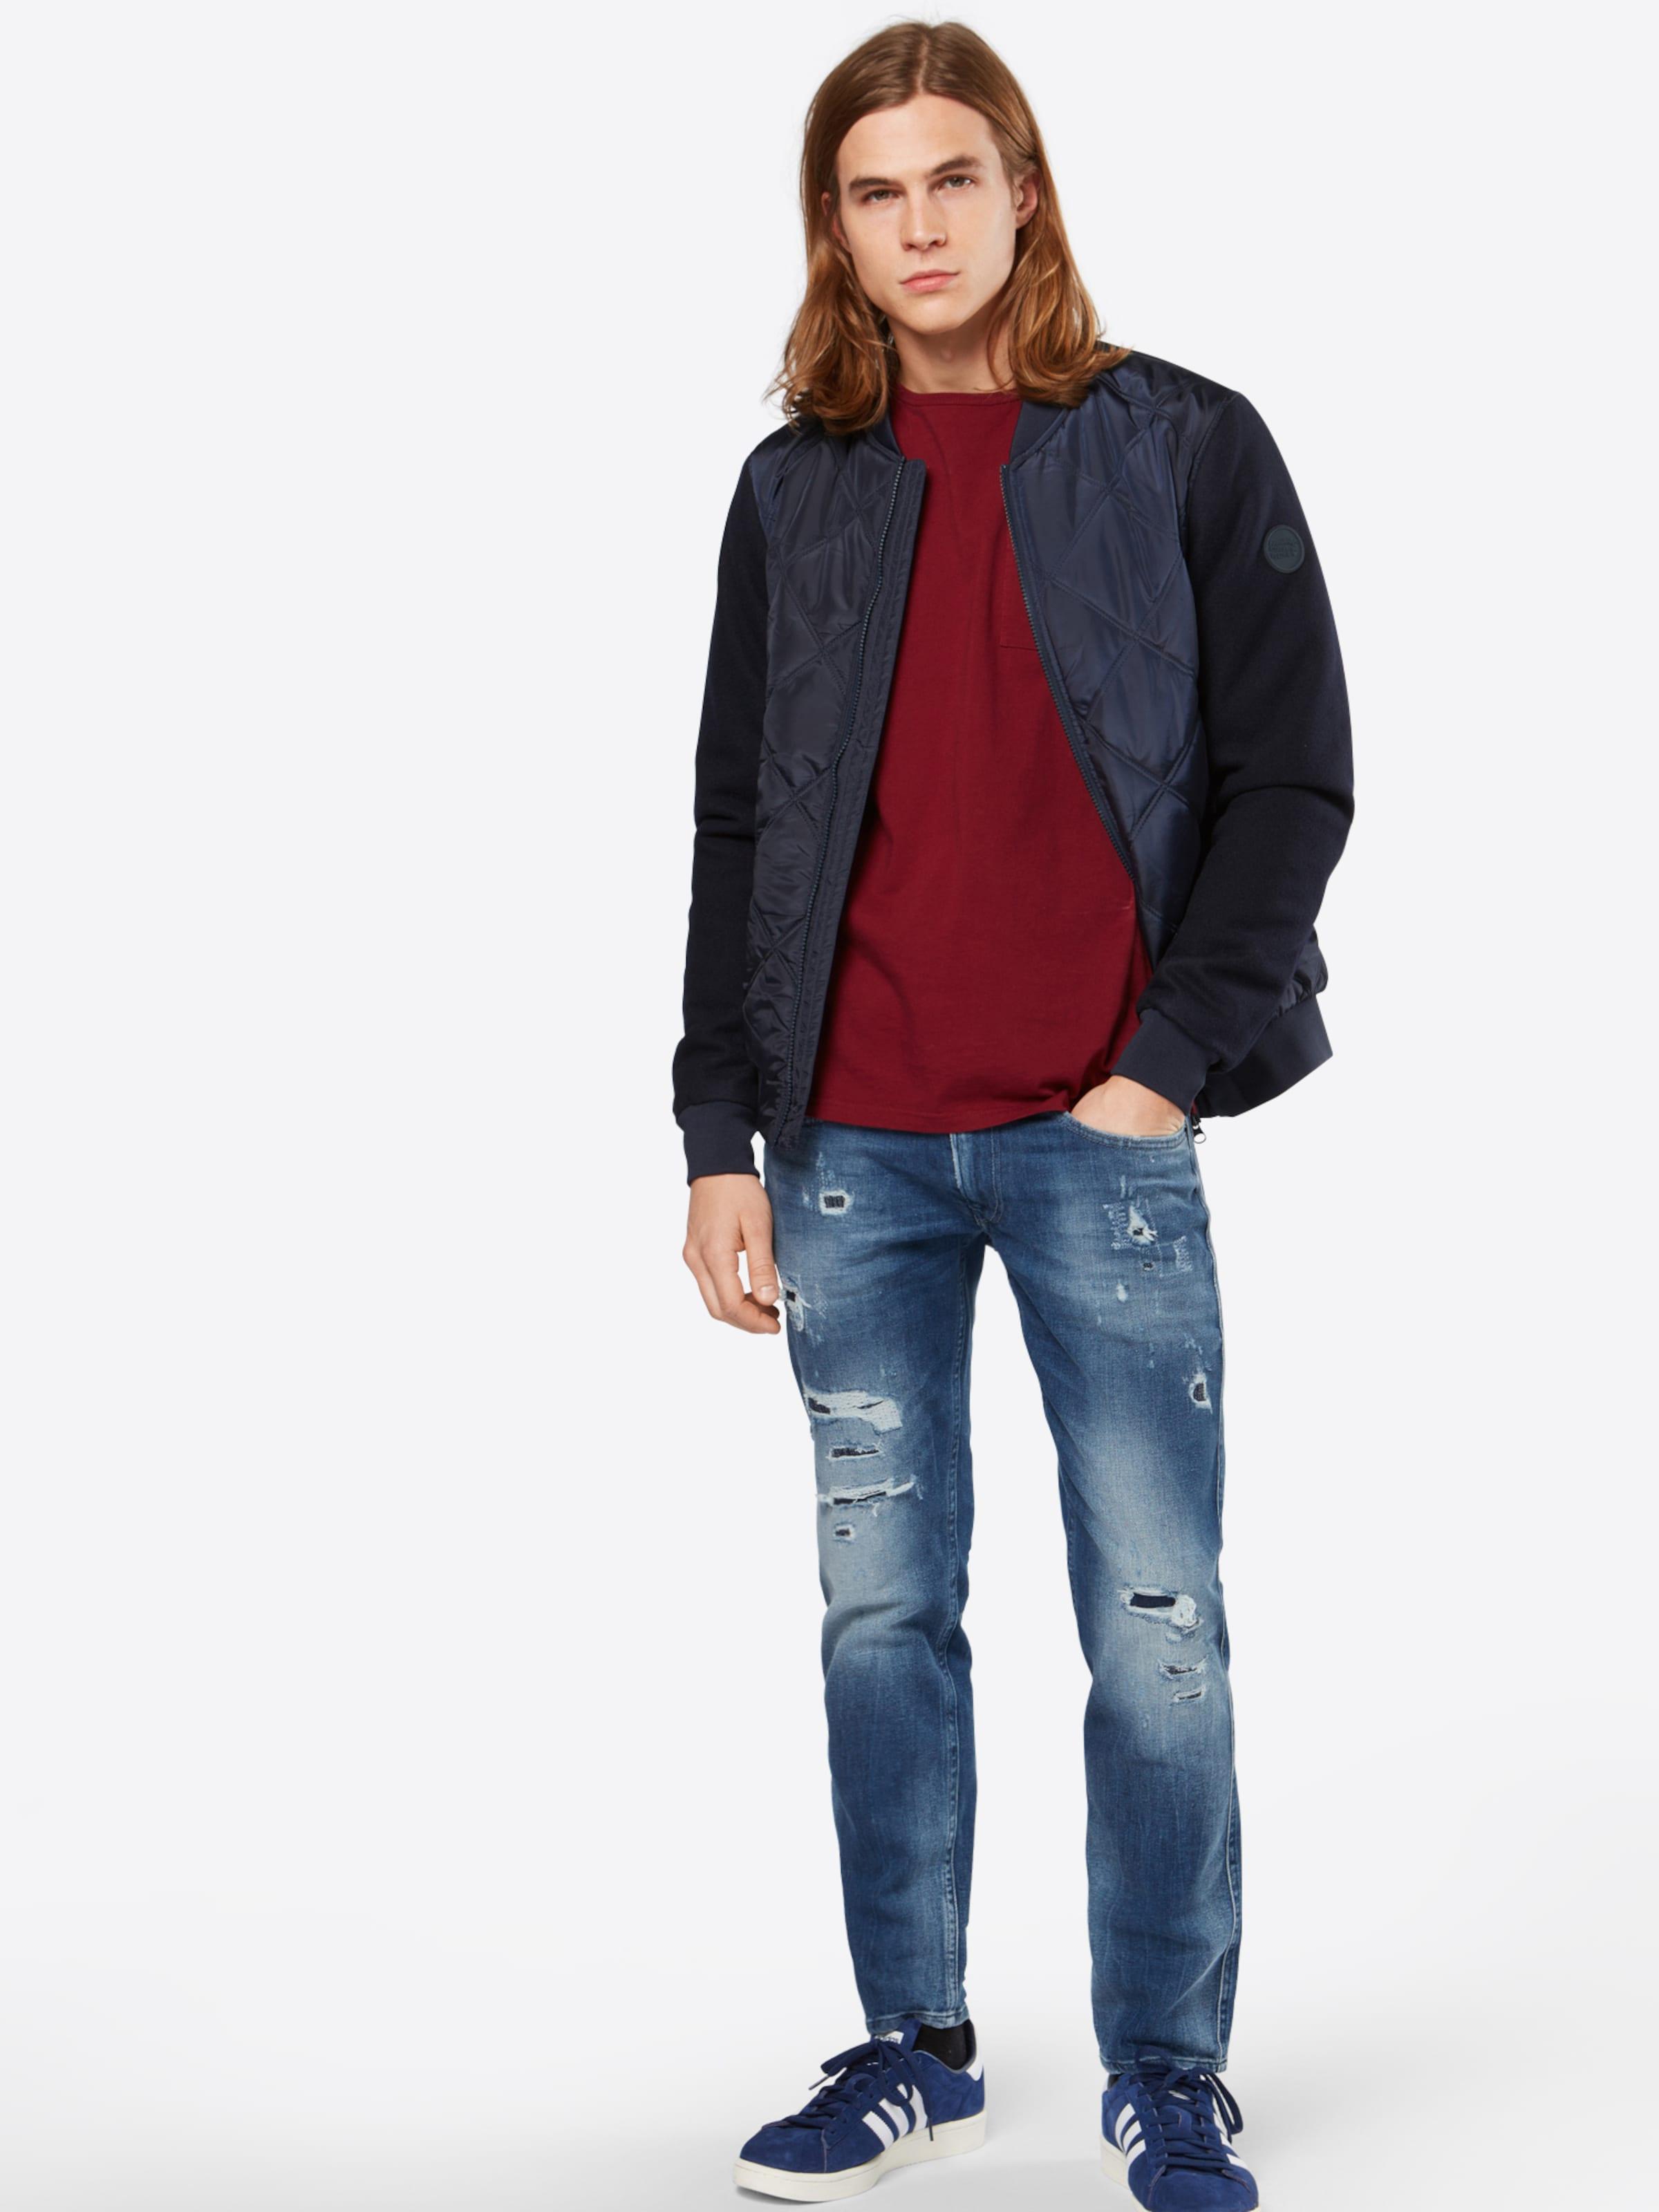 REPLAY Jeans im Used-Style 'Anbass' Billige Usa Händler Günstig Kaufen Große Überraschung Spielraum Mit Kreditkarte vNwB4TKC